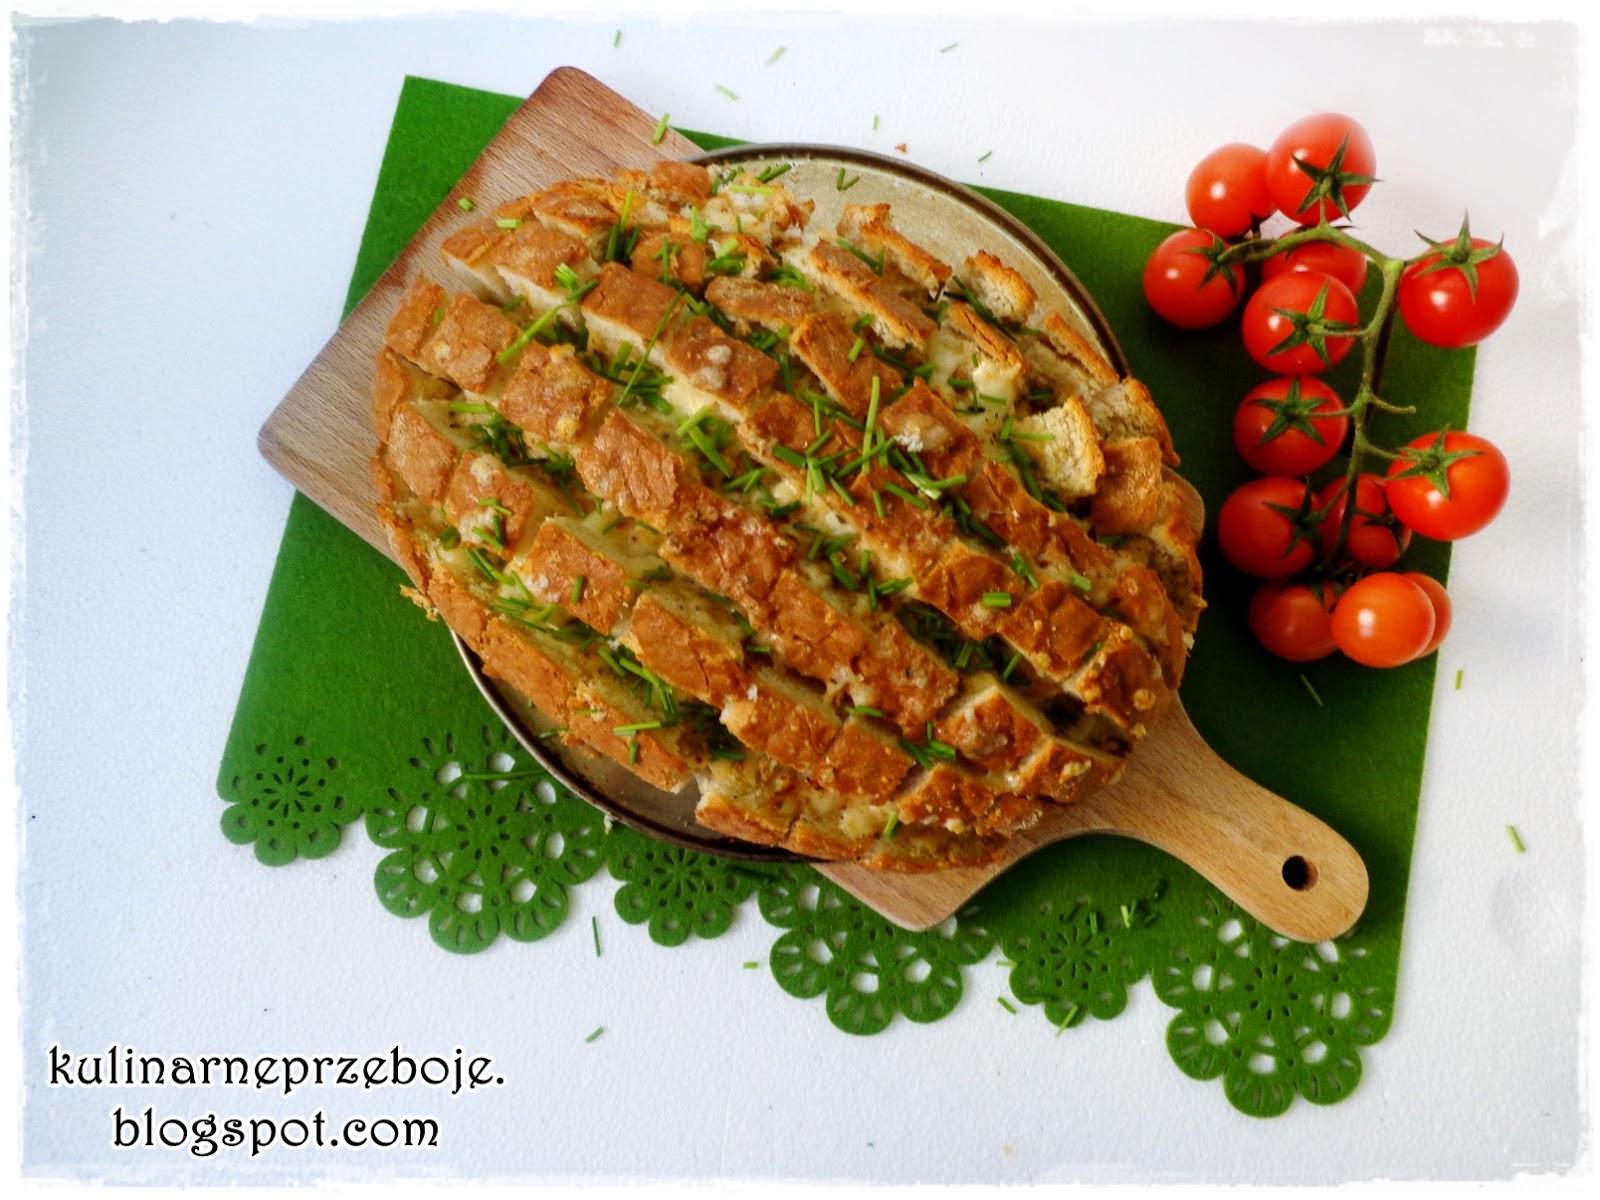 Ciągnący się chleb (z mozzarellą) krojony w kratkę (bloomin' bread)